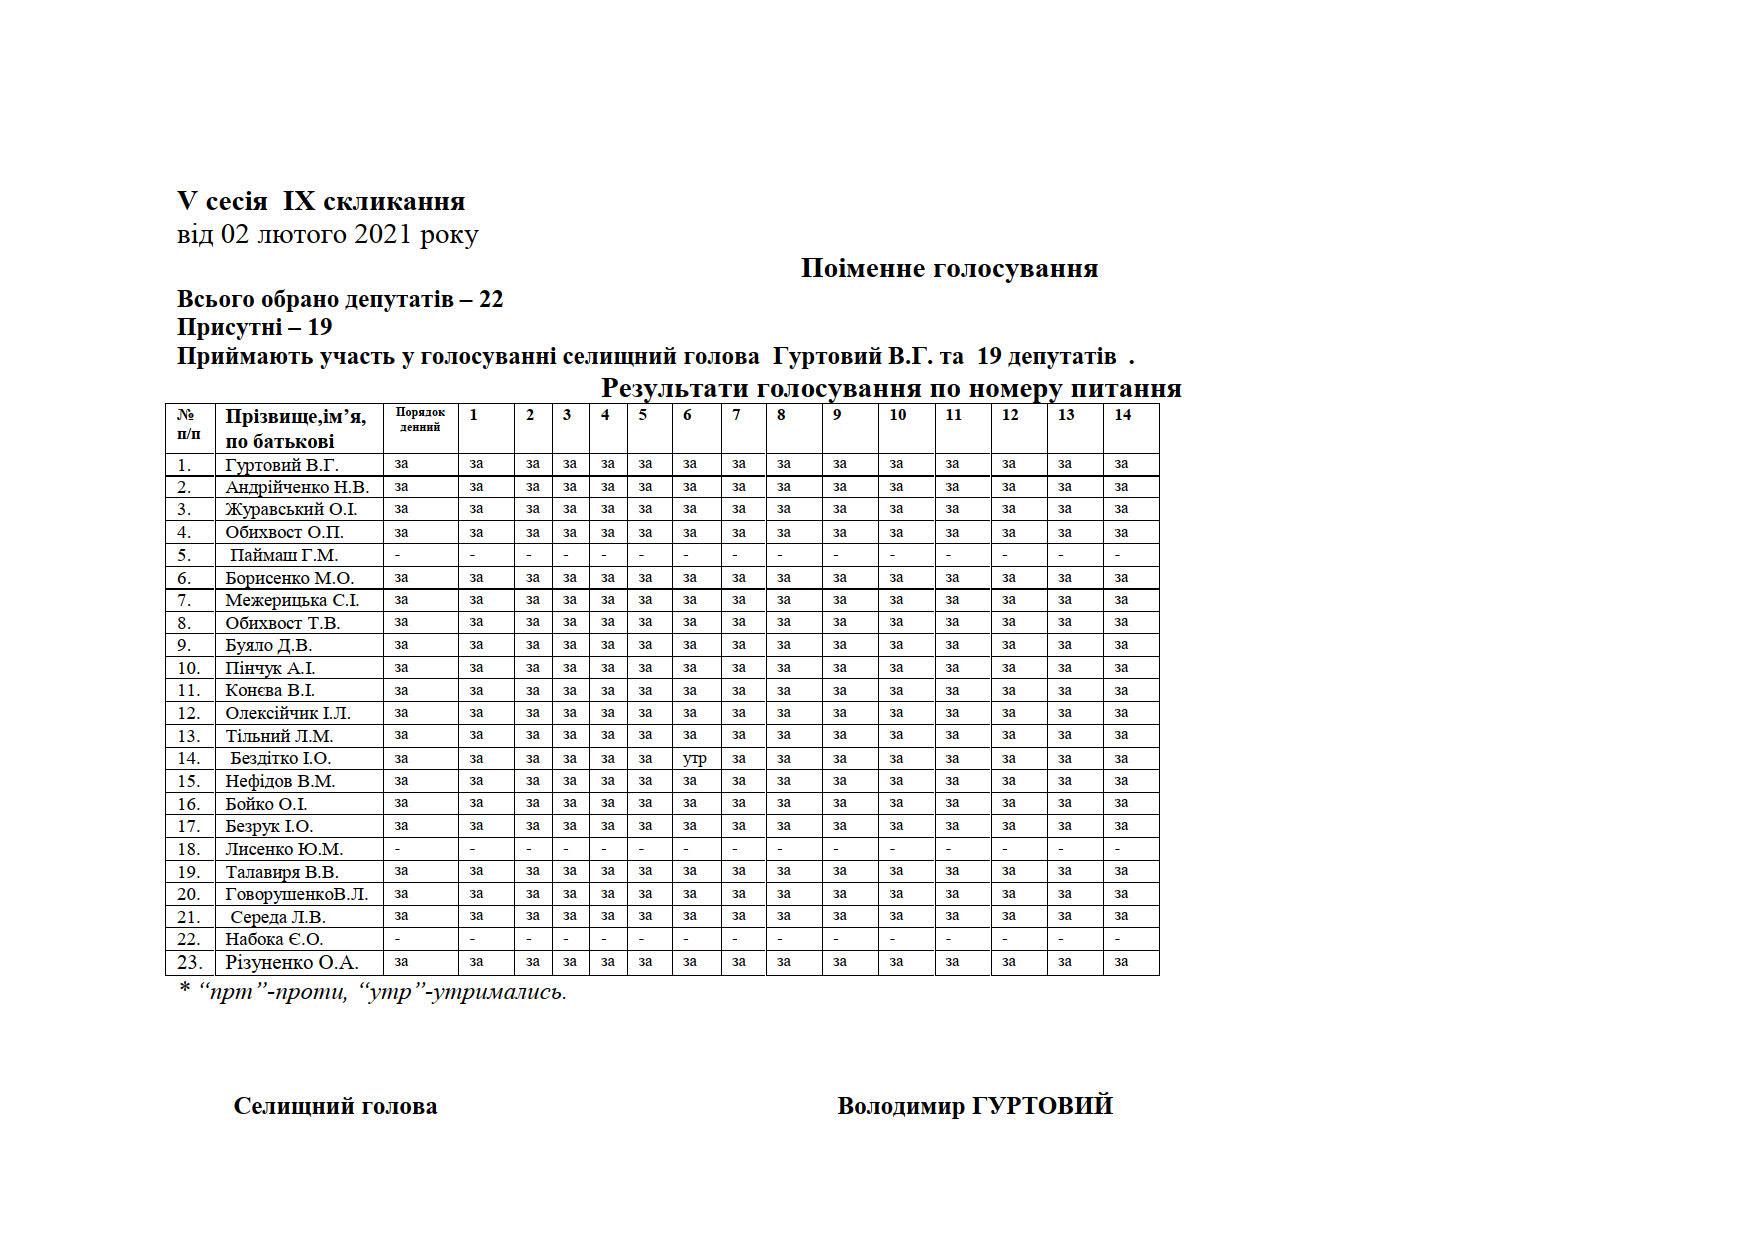 Microsoft Word - Список поіменного голосування2_1